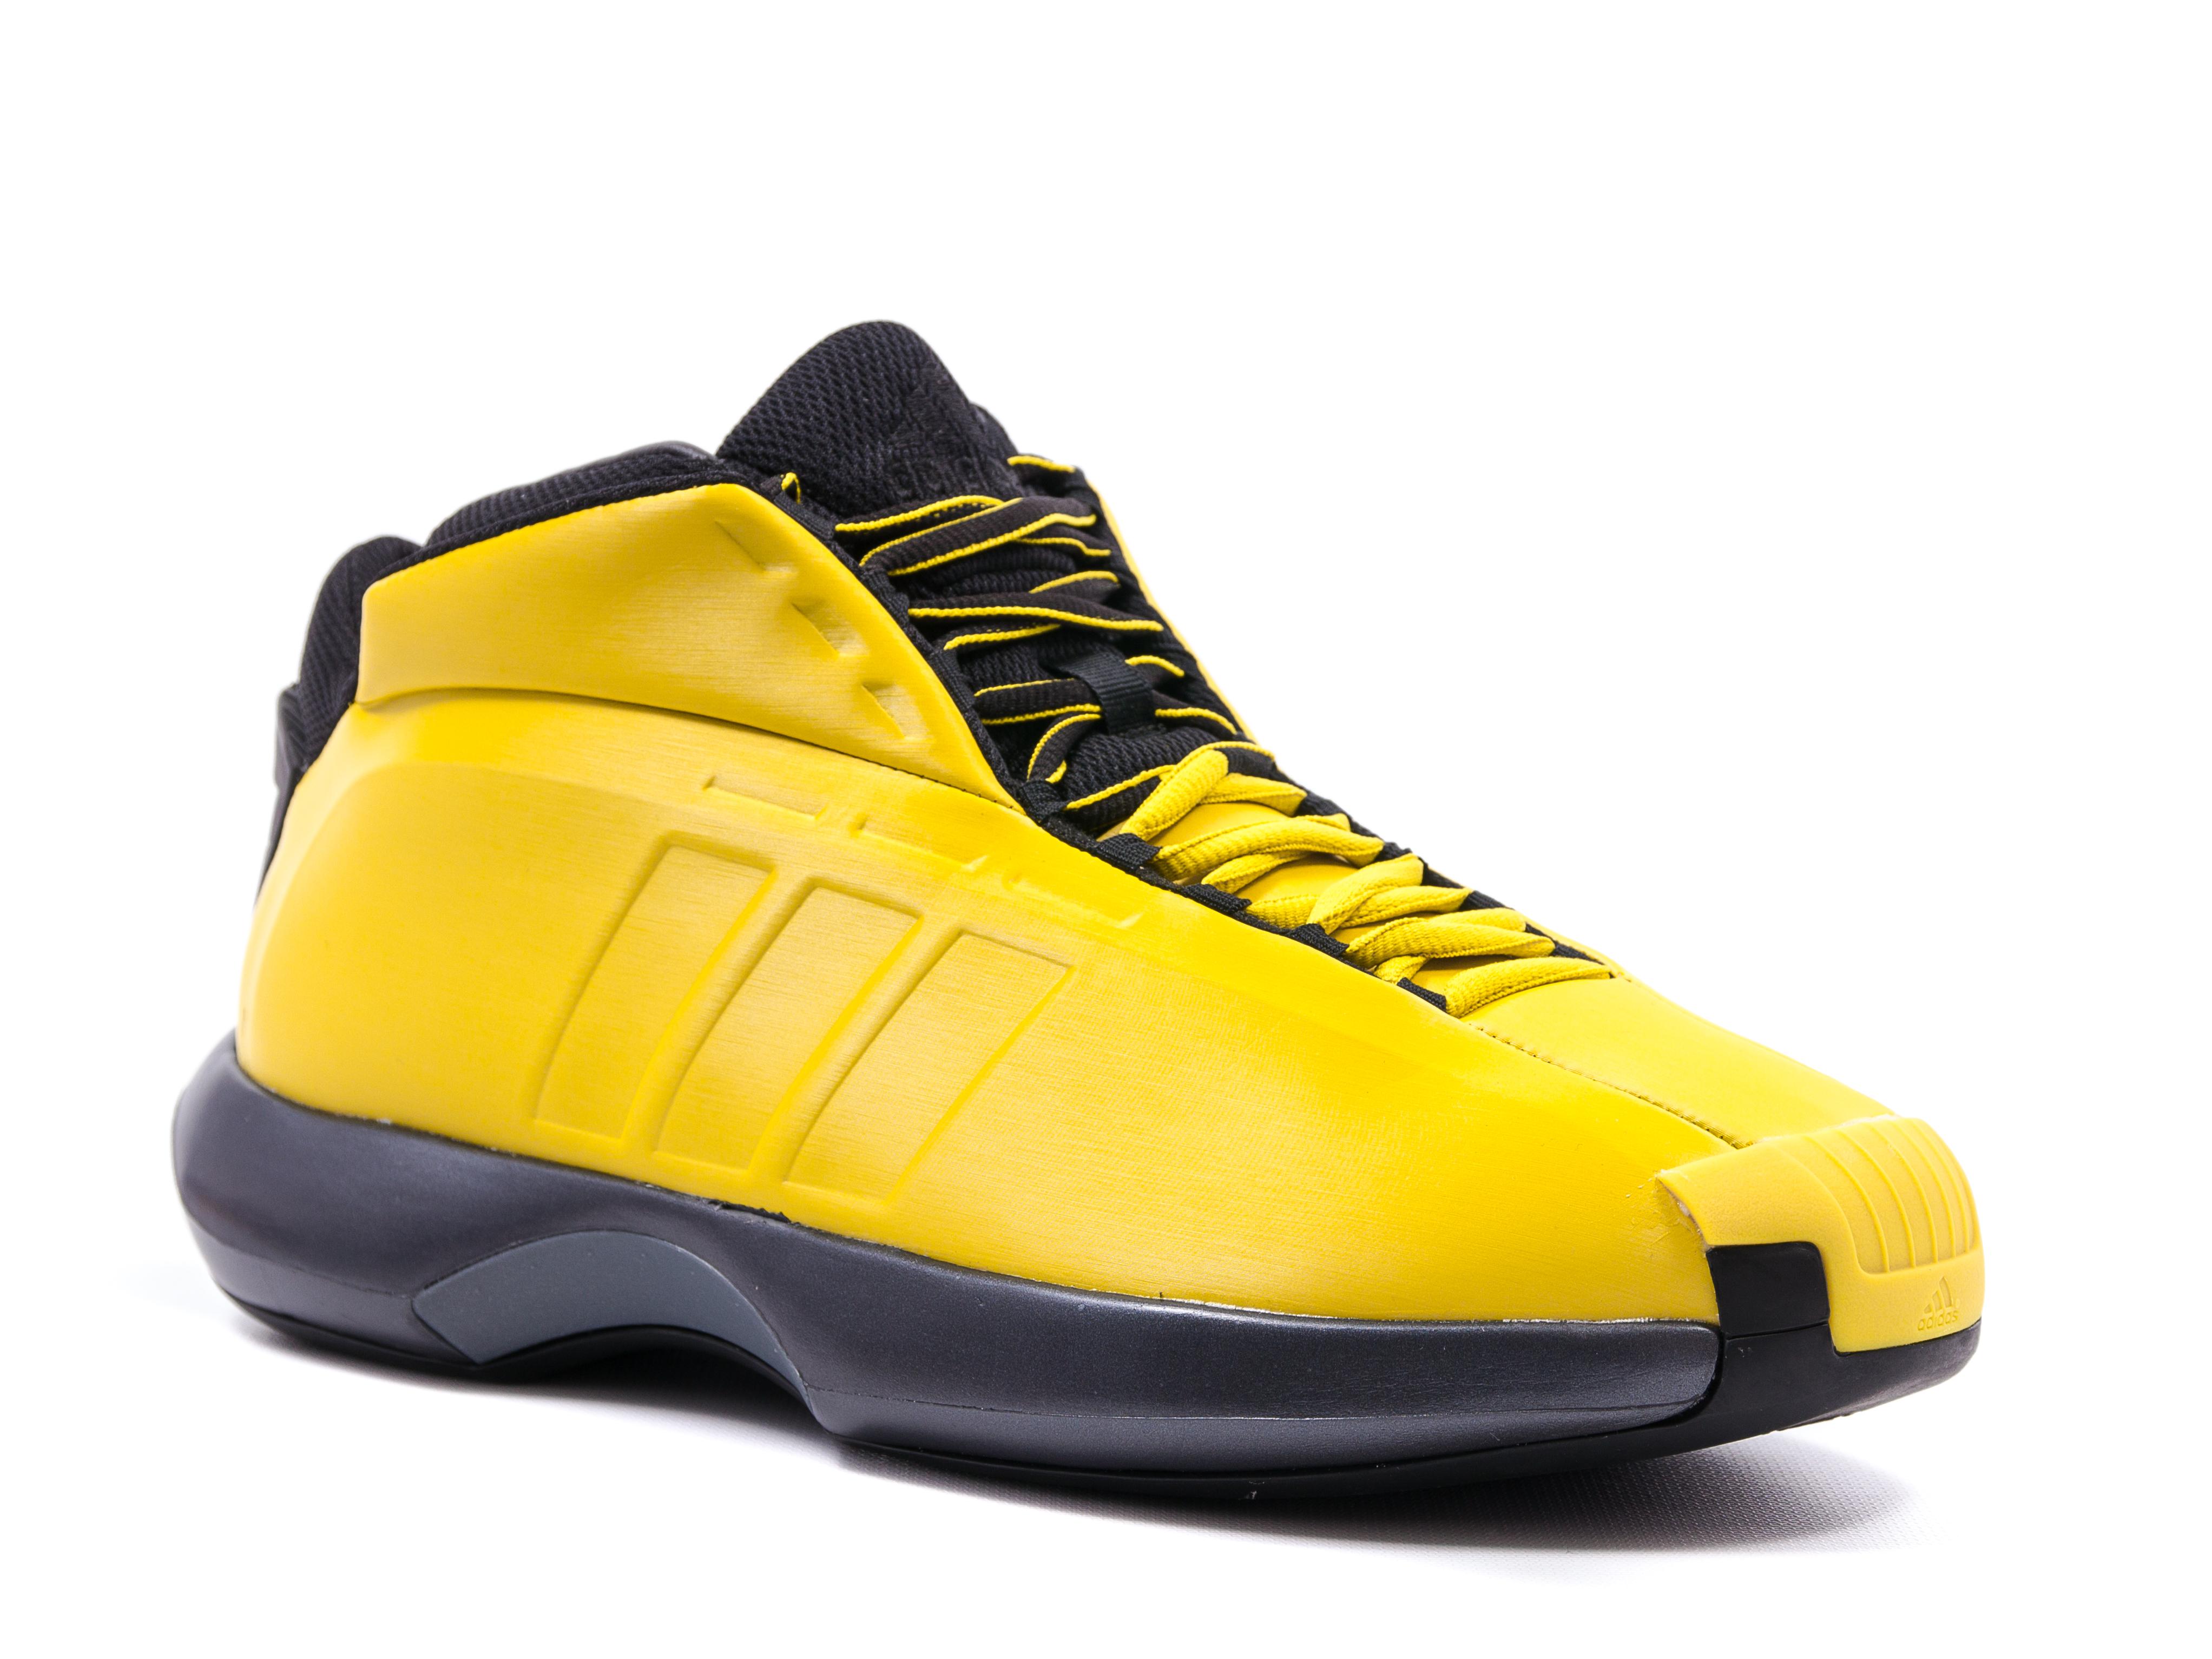 Adidas Crazy 1 Og The Kobe 1 Sunshine 12 26 At